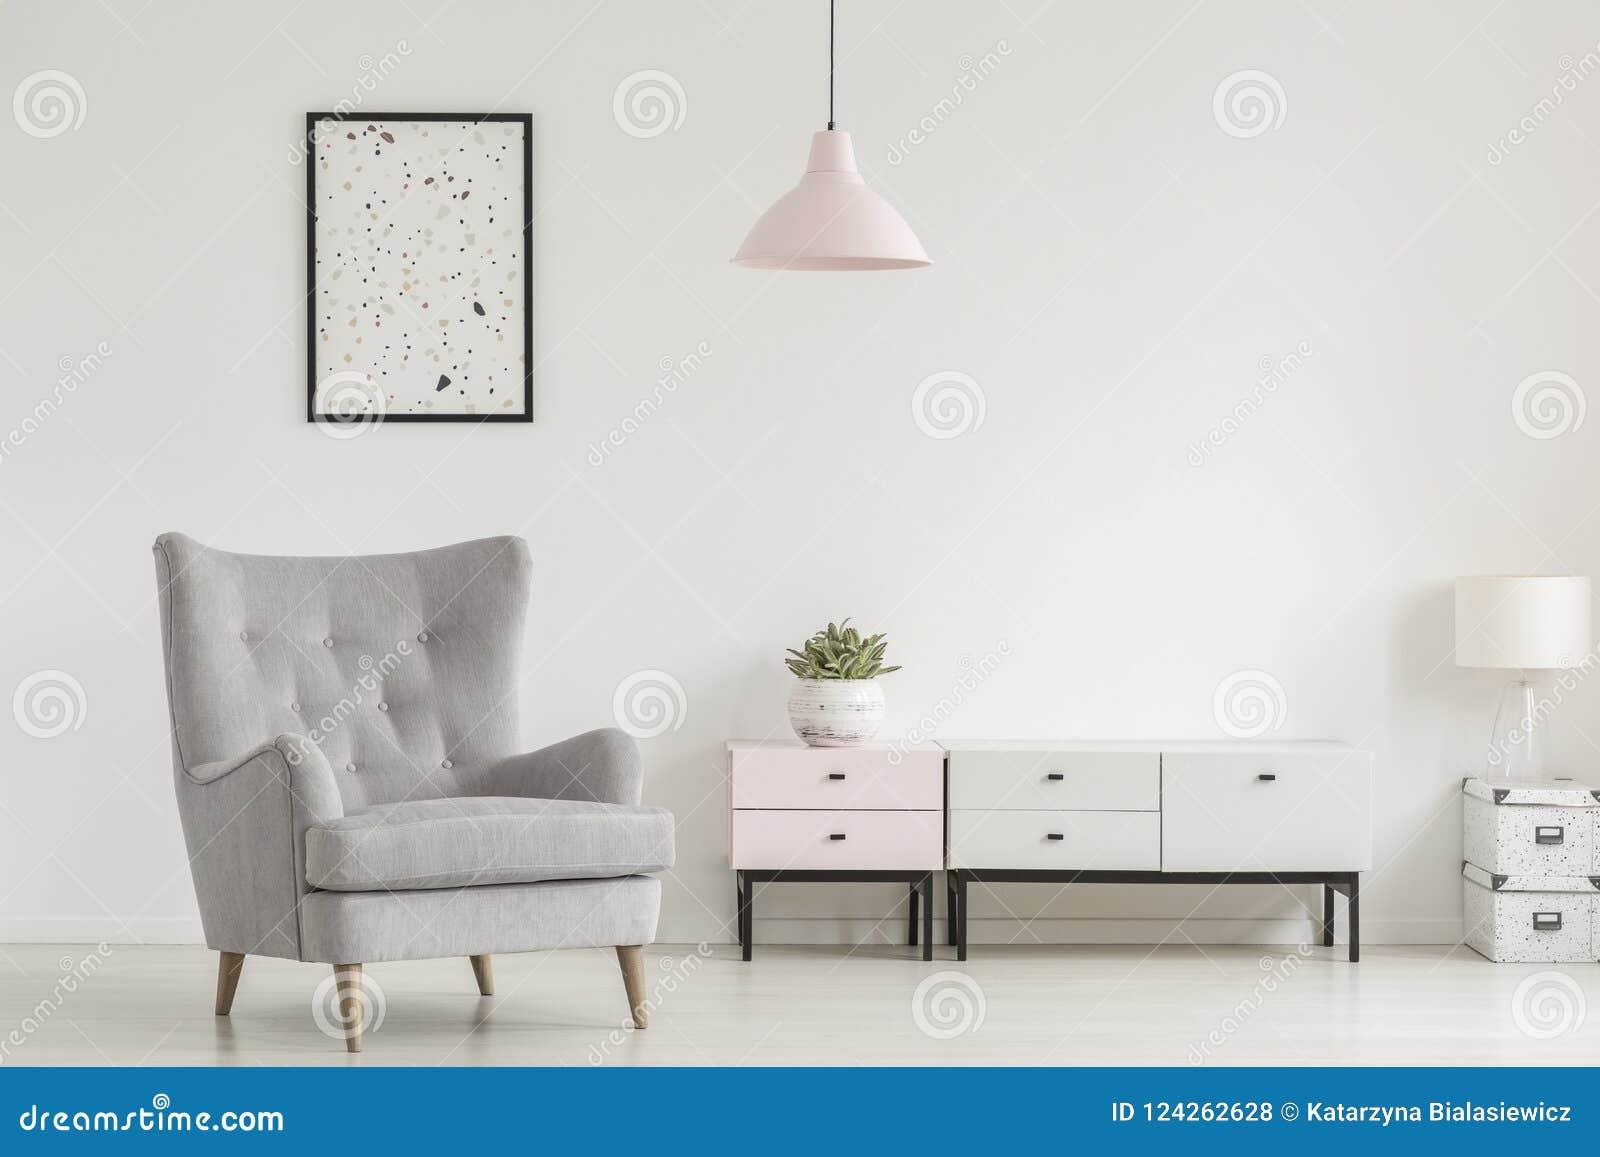 Плакат над серыми креслом и лампой в белом interio живущей комнаты